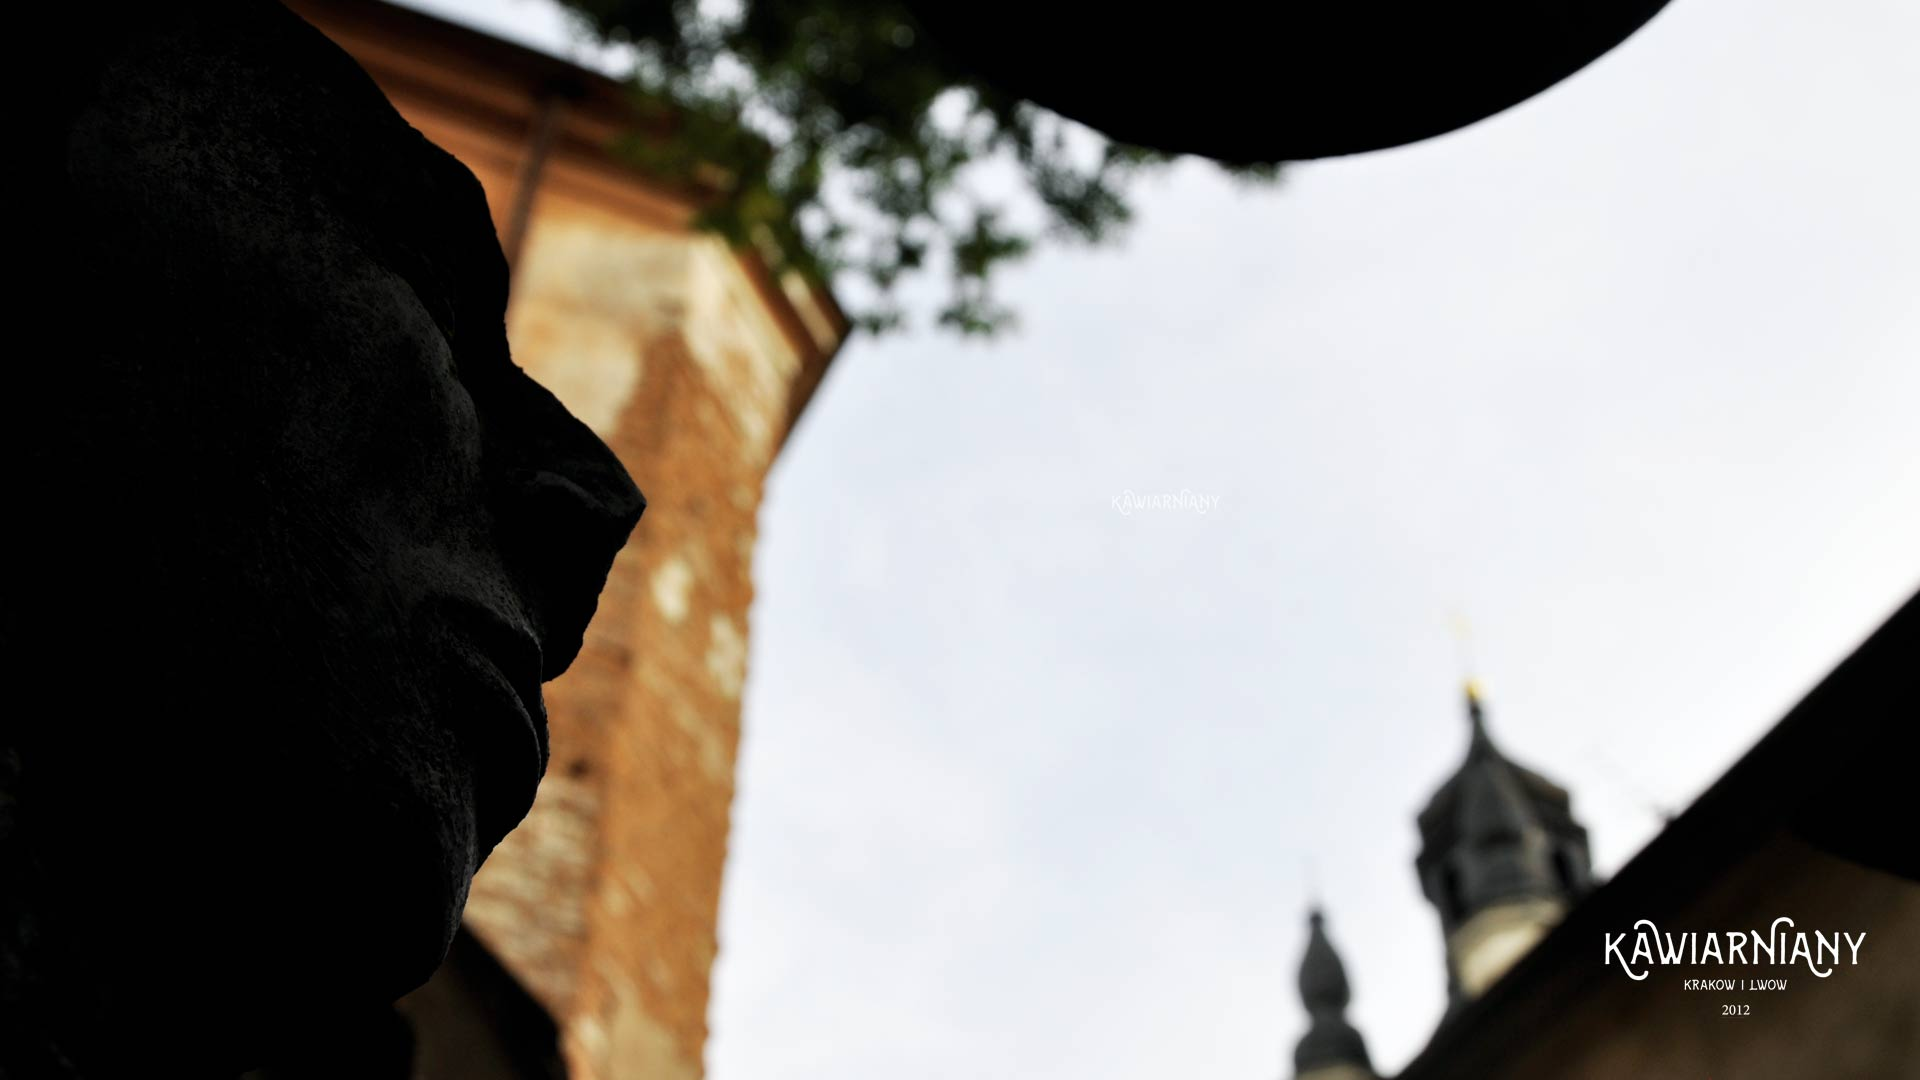 Mons Pius, Lwów